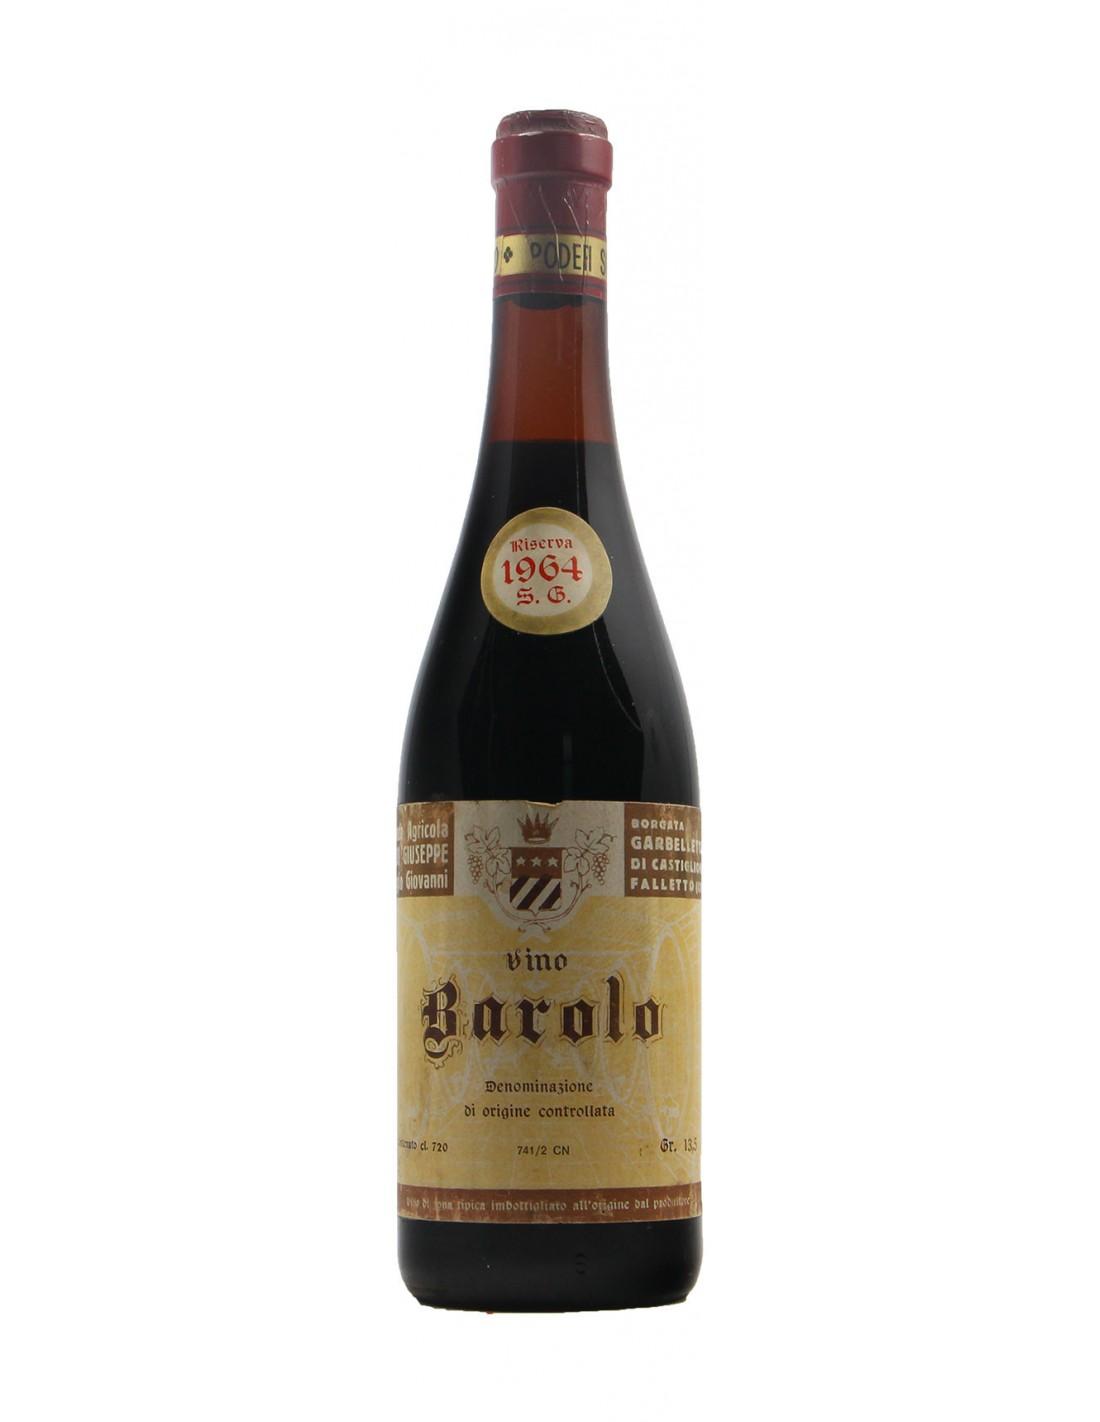 Barolo Riserva 1964 SORDO GIUSEPPE GRANDI BOTTIGLIE